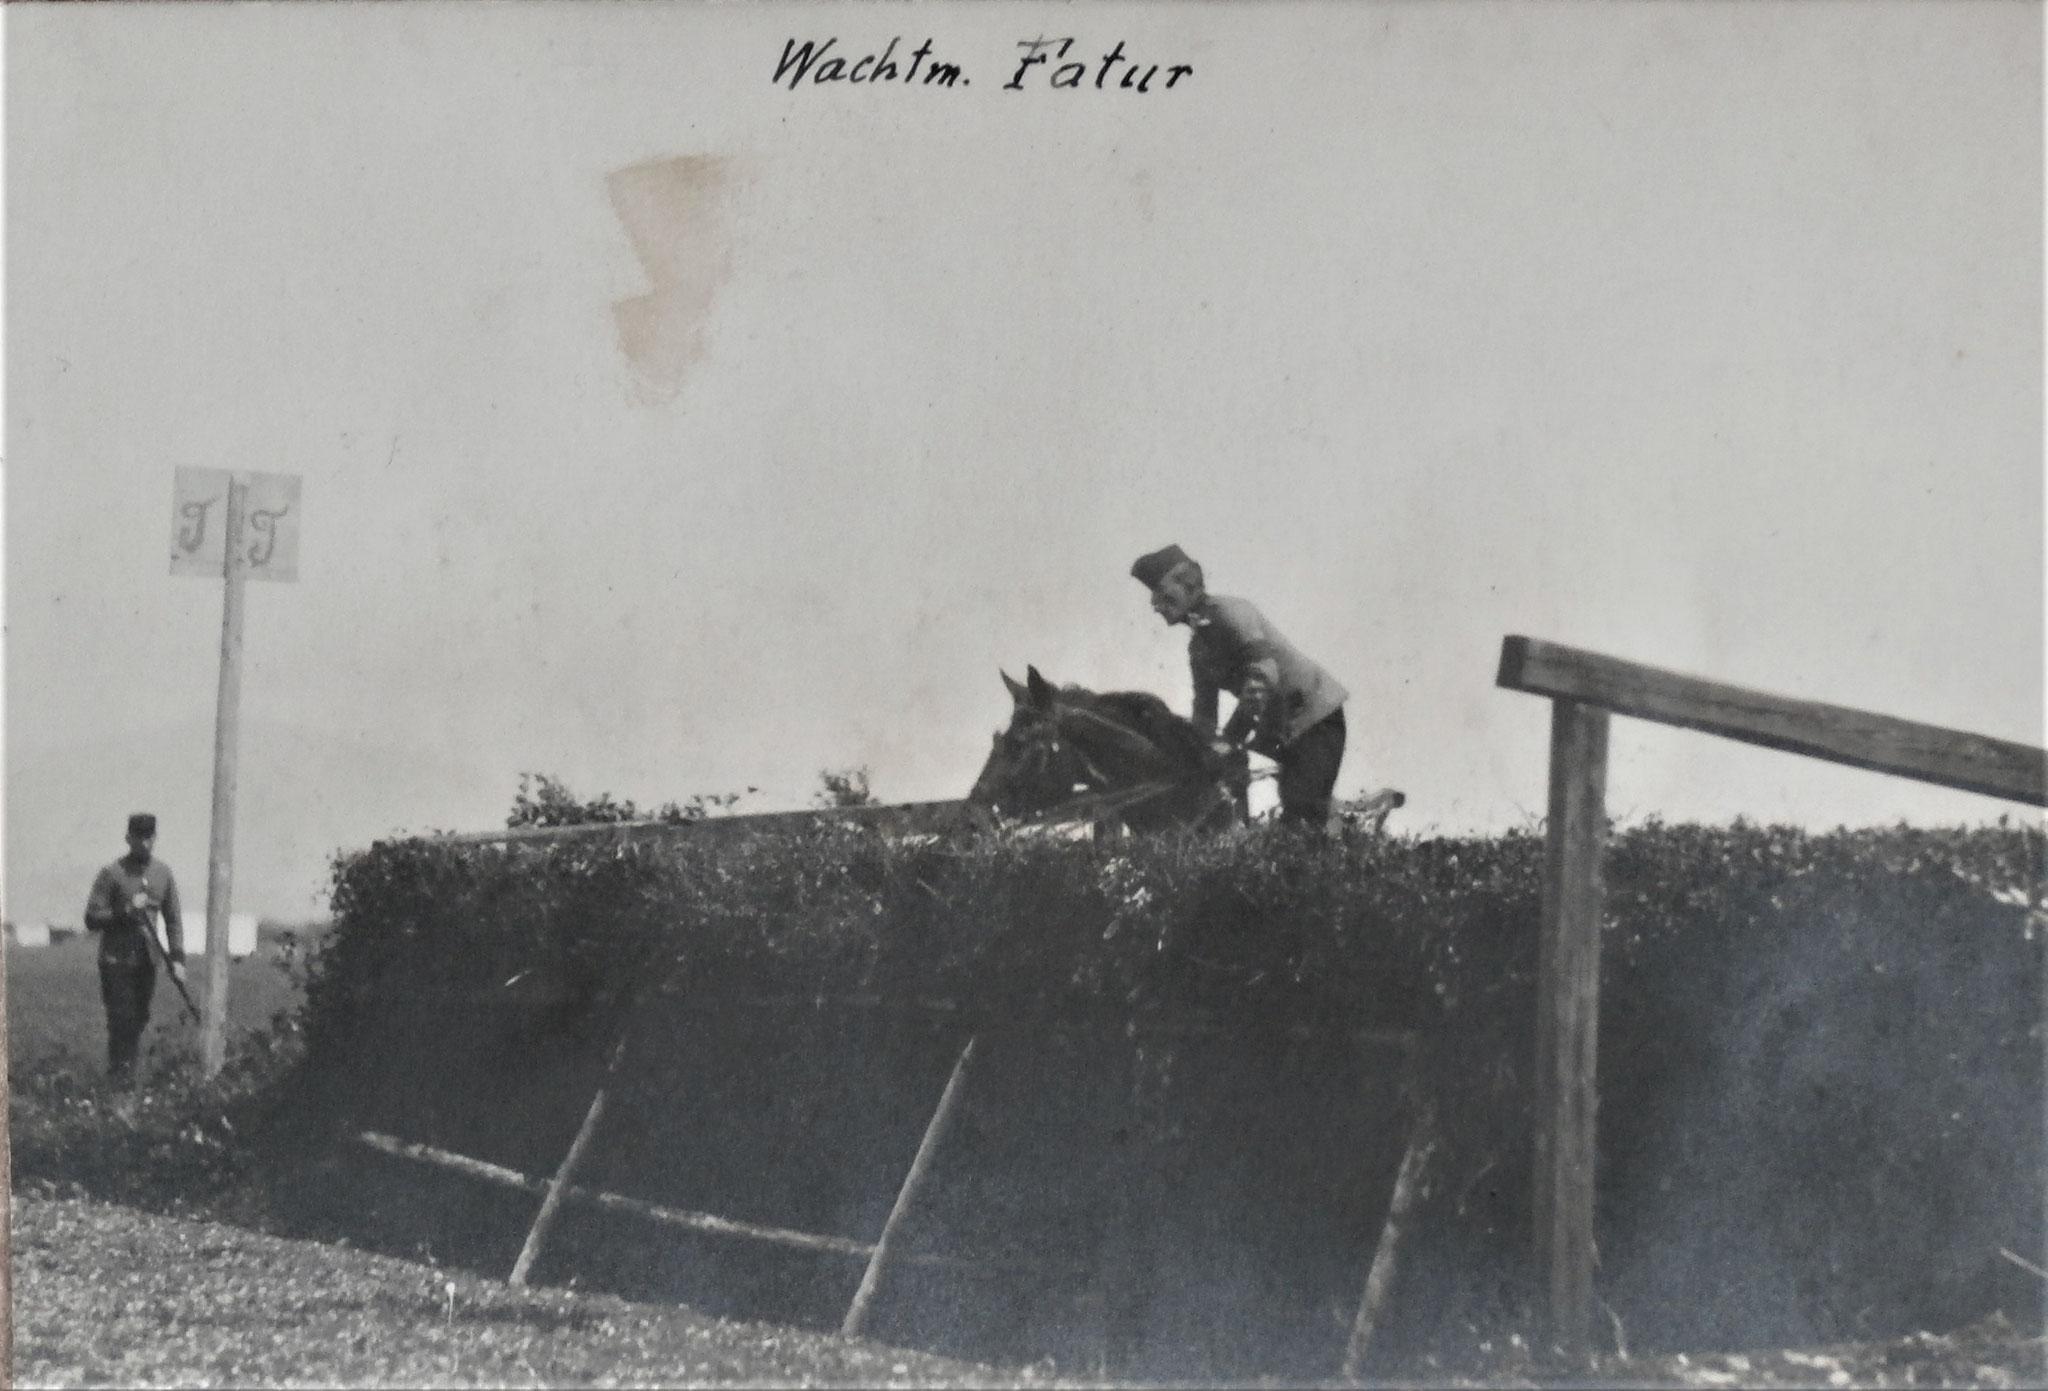 Wachtmeister Fatur